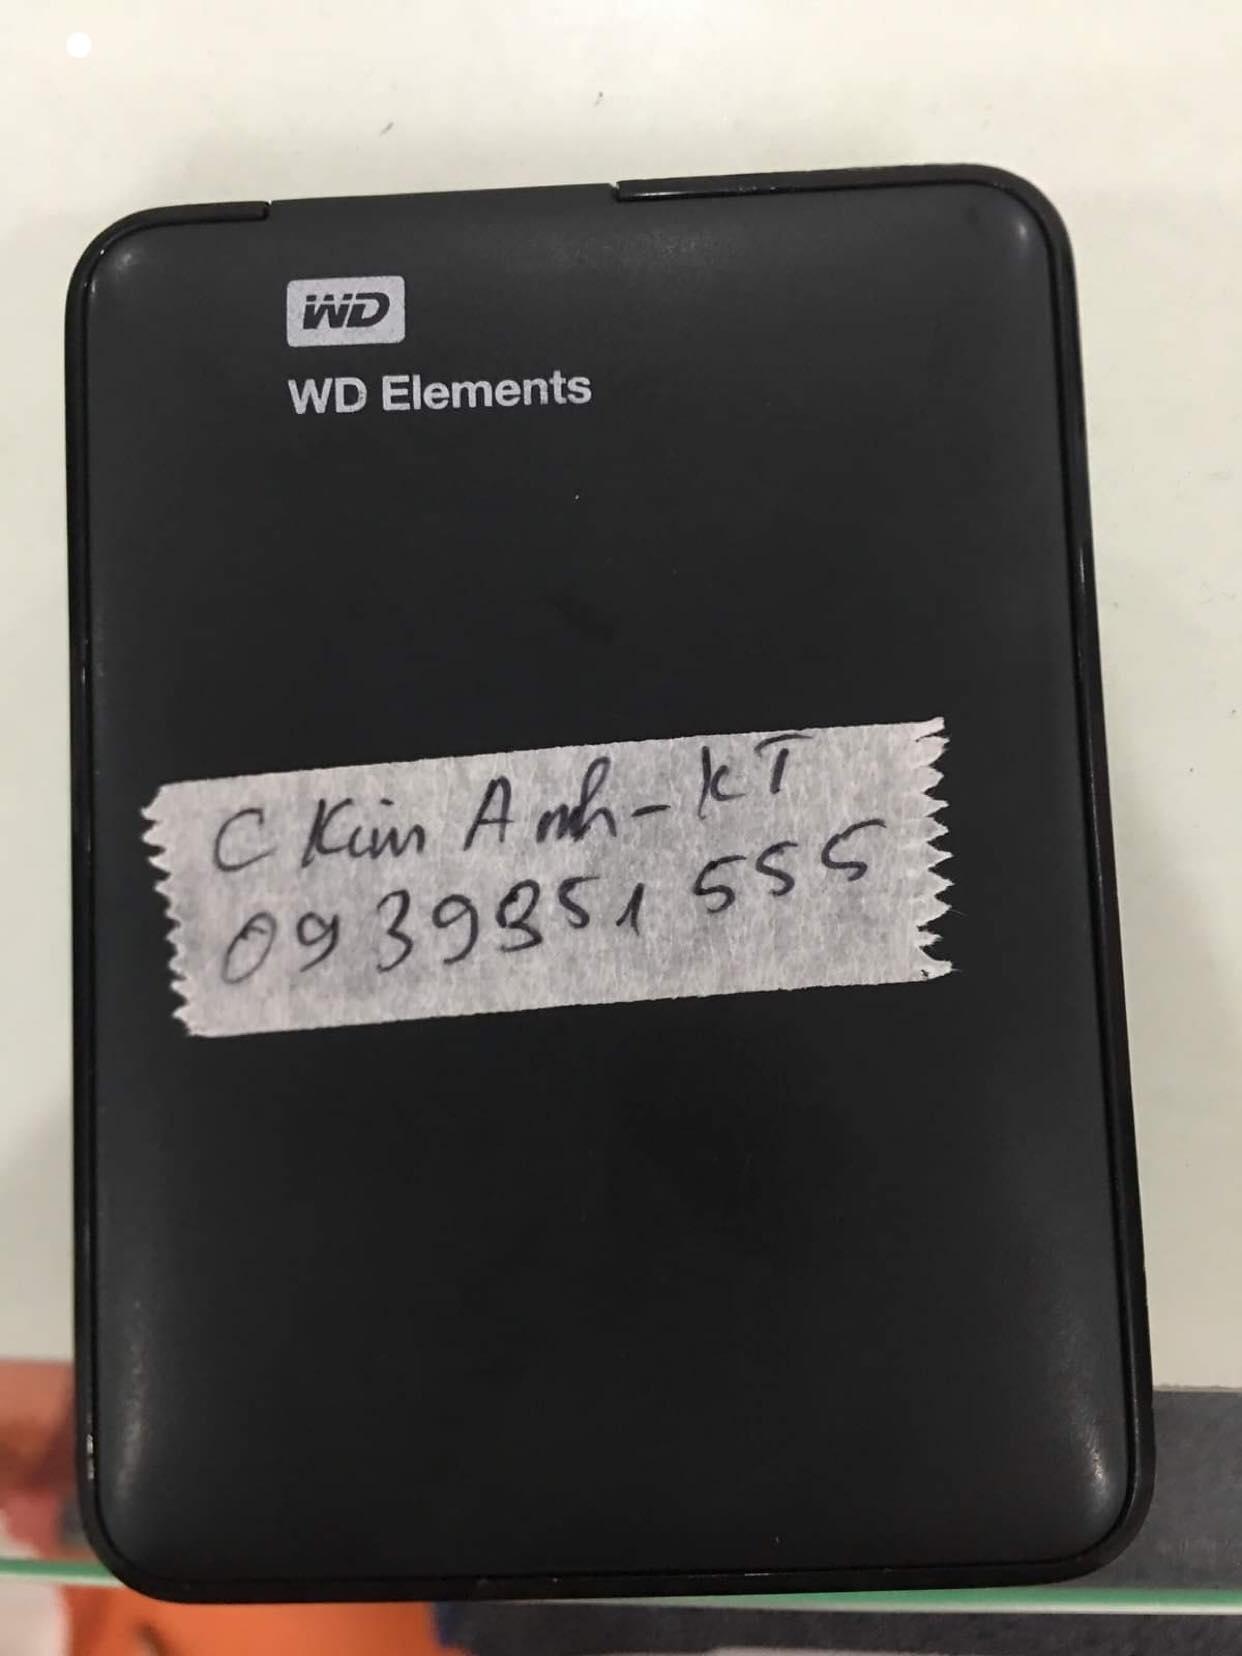 Khôi phục dữ liệu ổ cứng Western 1TB lỗi đầu đọc 09/07/2019 - cuumaytinh